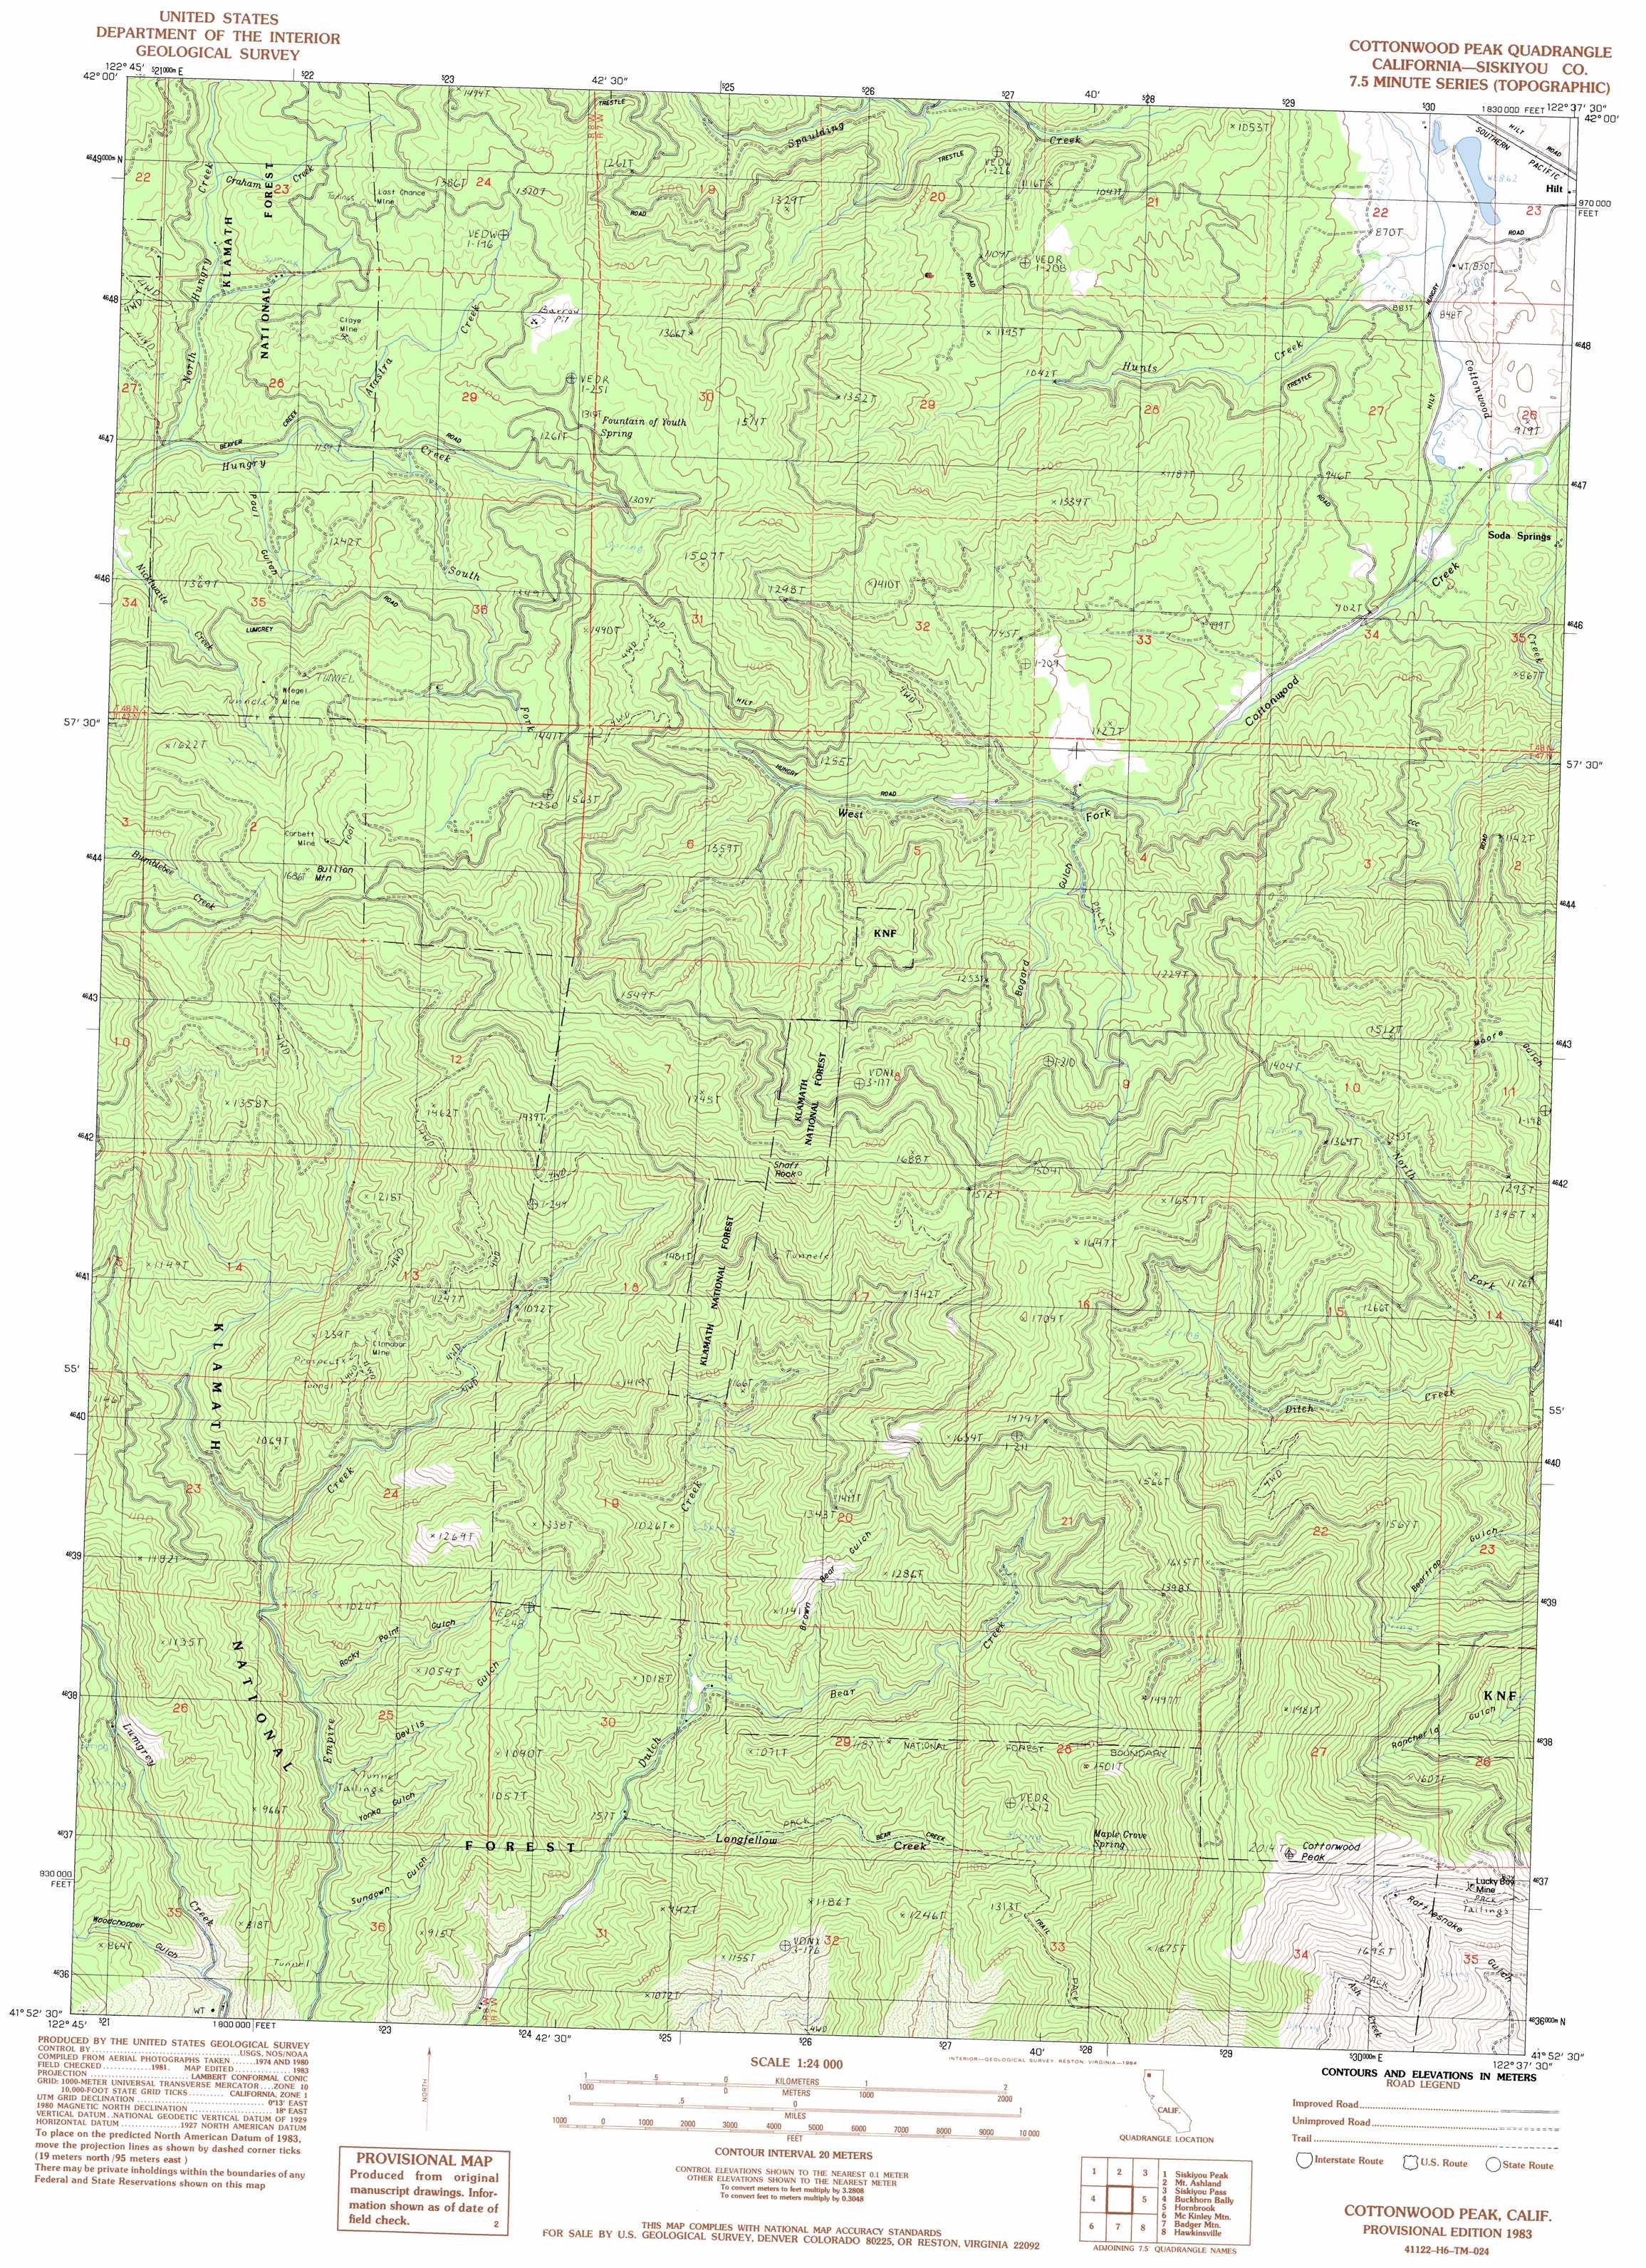 Cottonwood Peak Topographic Map CA  USGS Topo Quad 41122h6